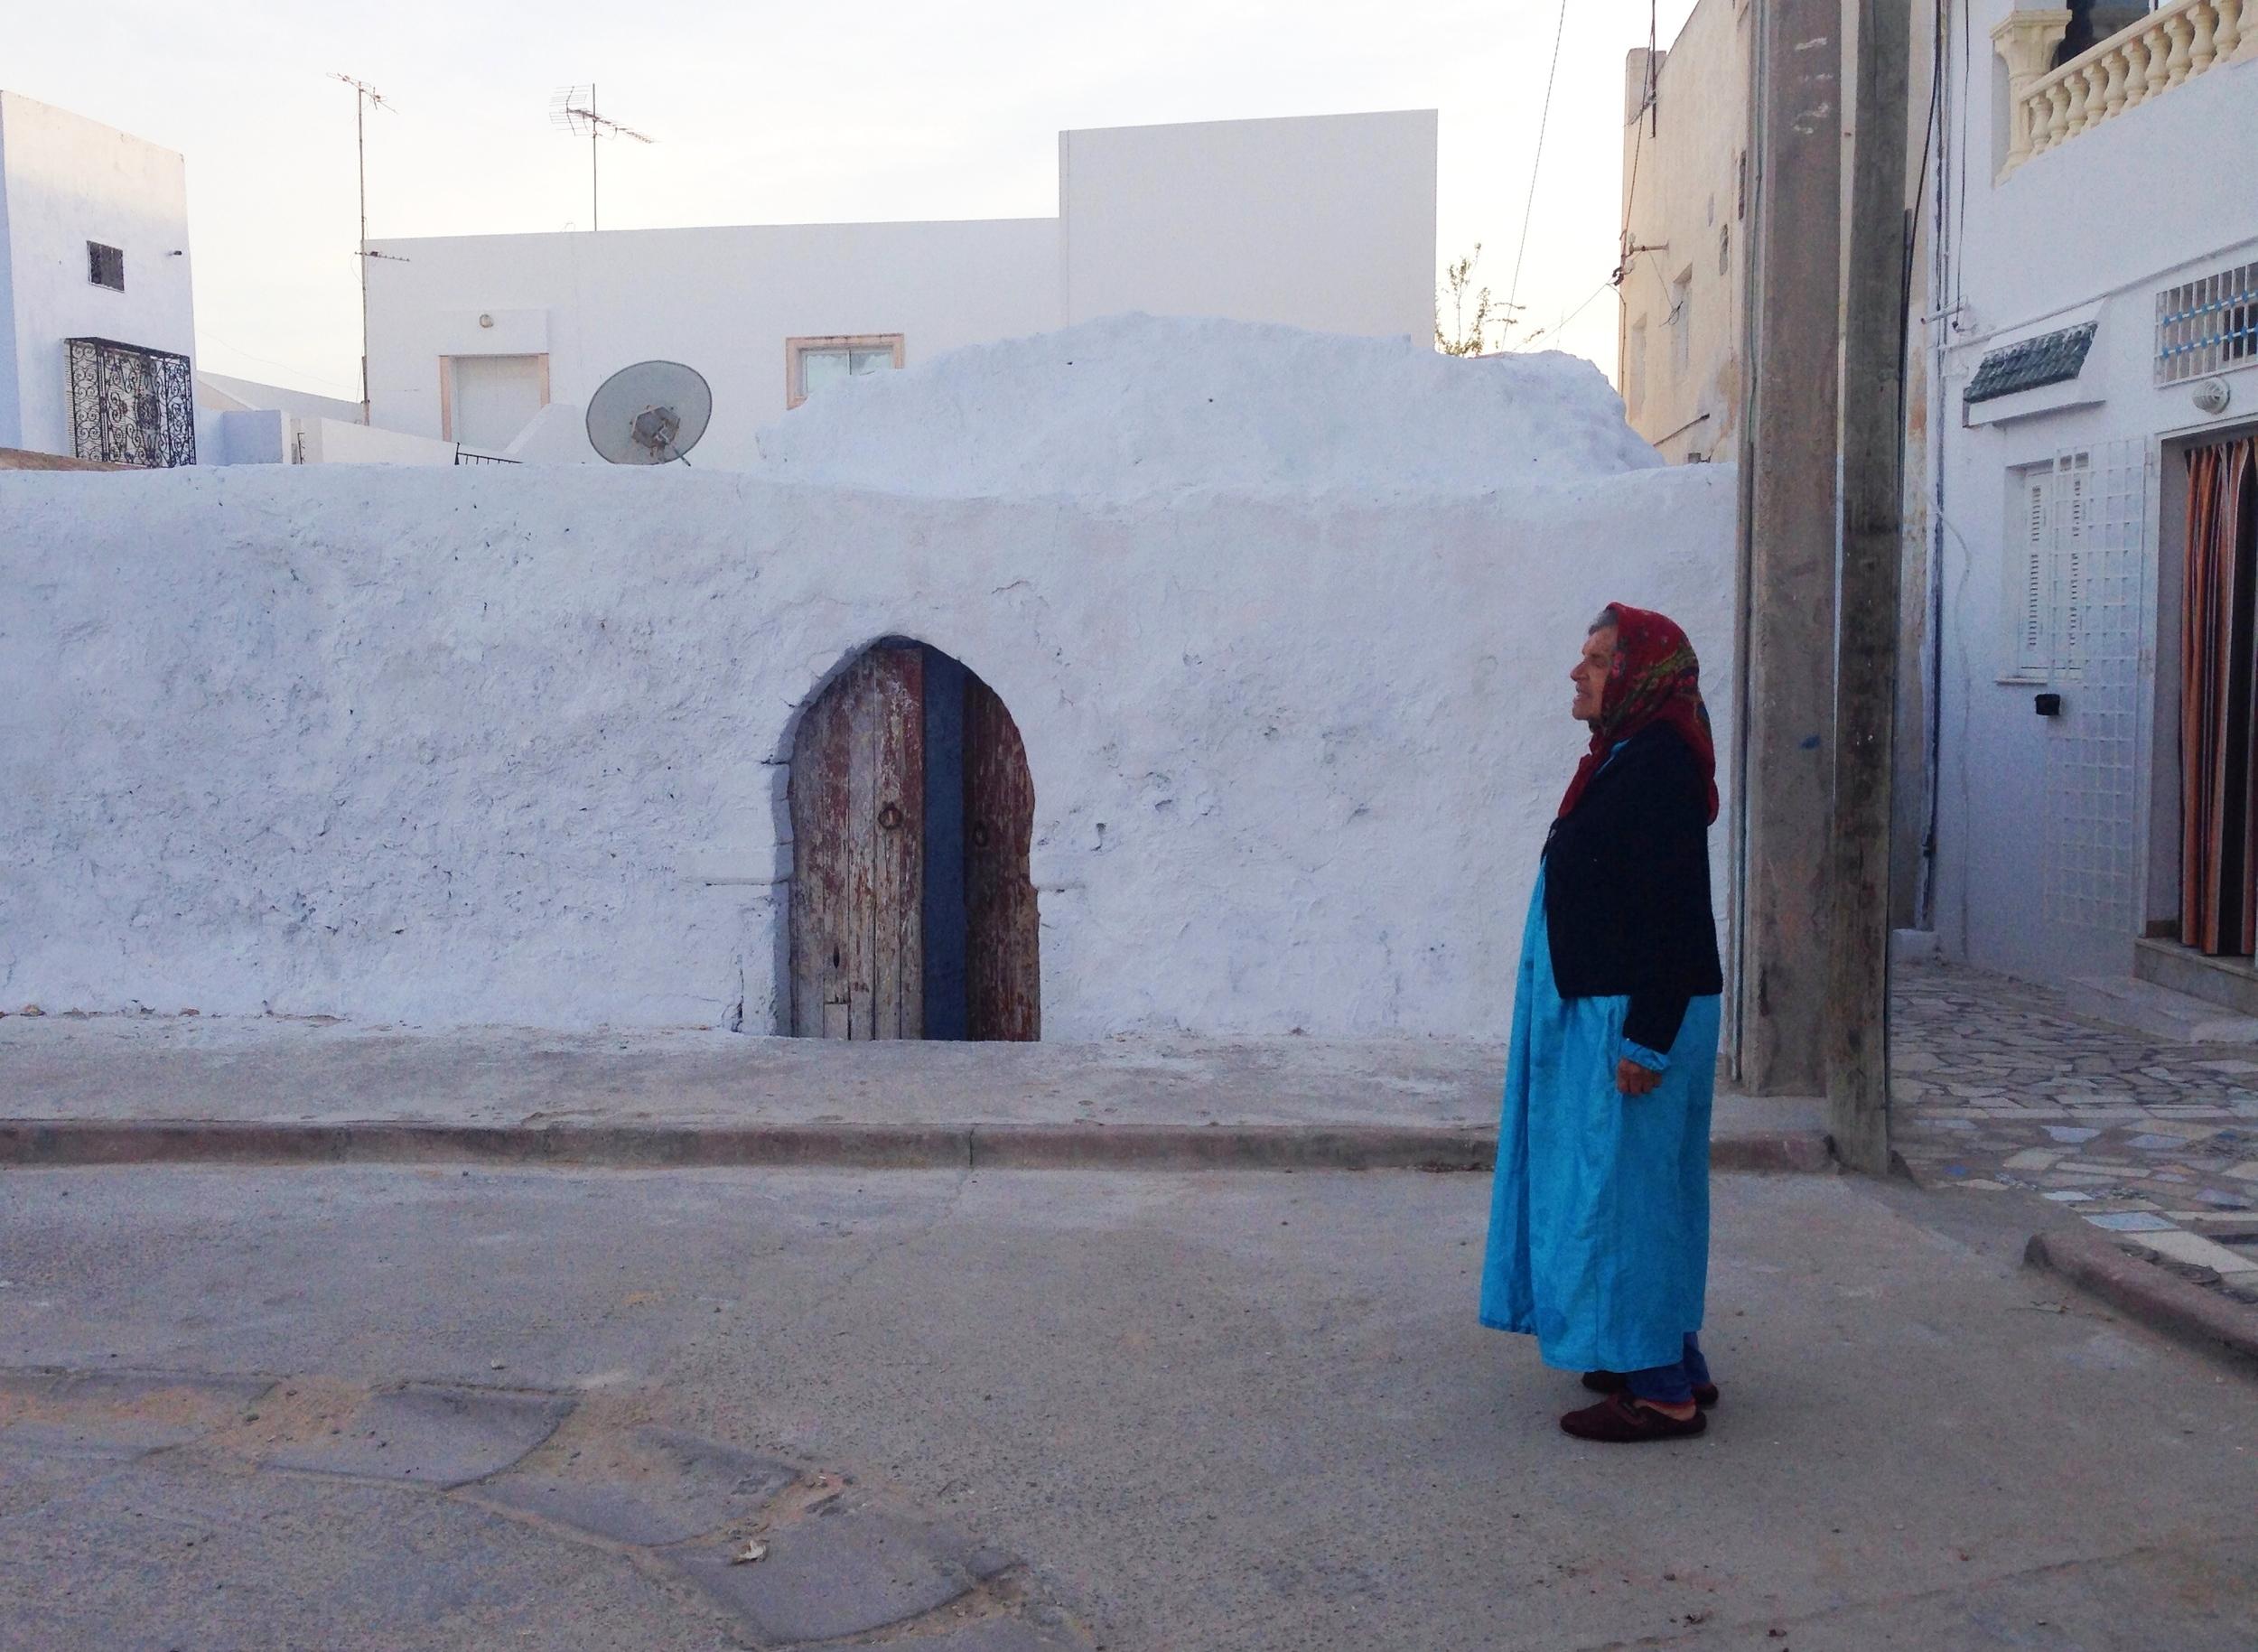 Hammamet, Tunisia, 2015